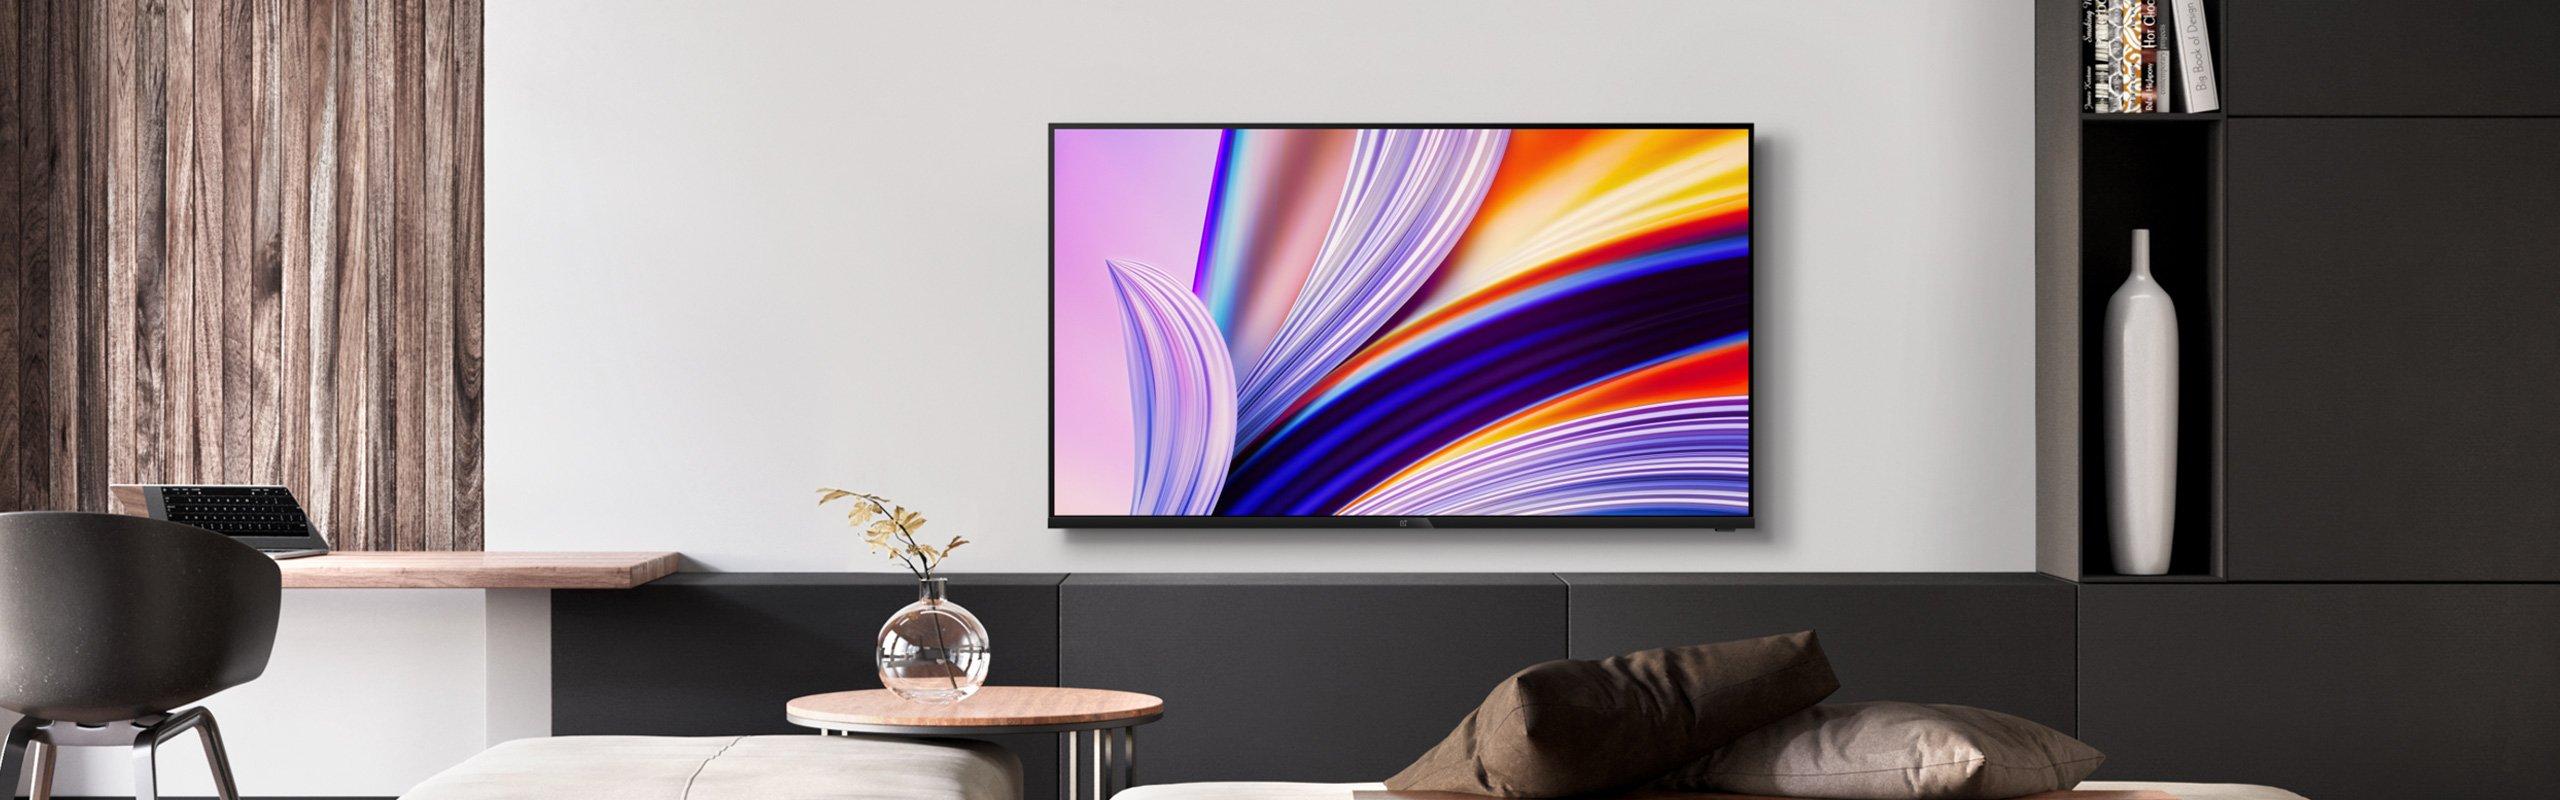 OnePlus TV 40 Y1